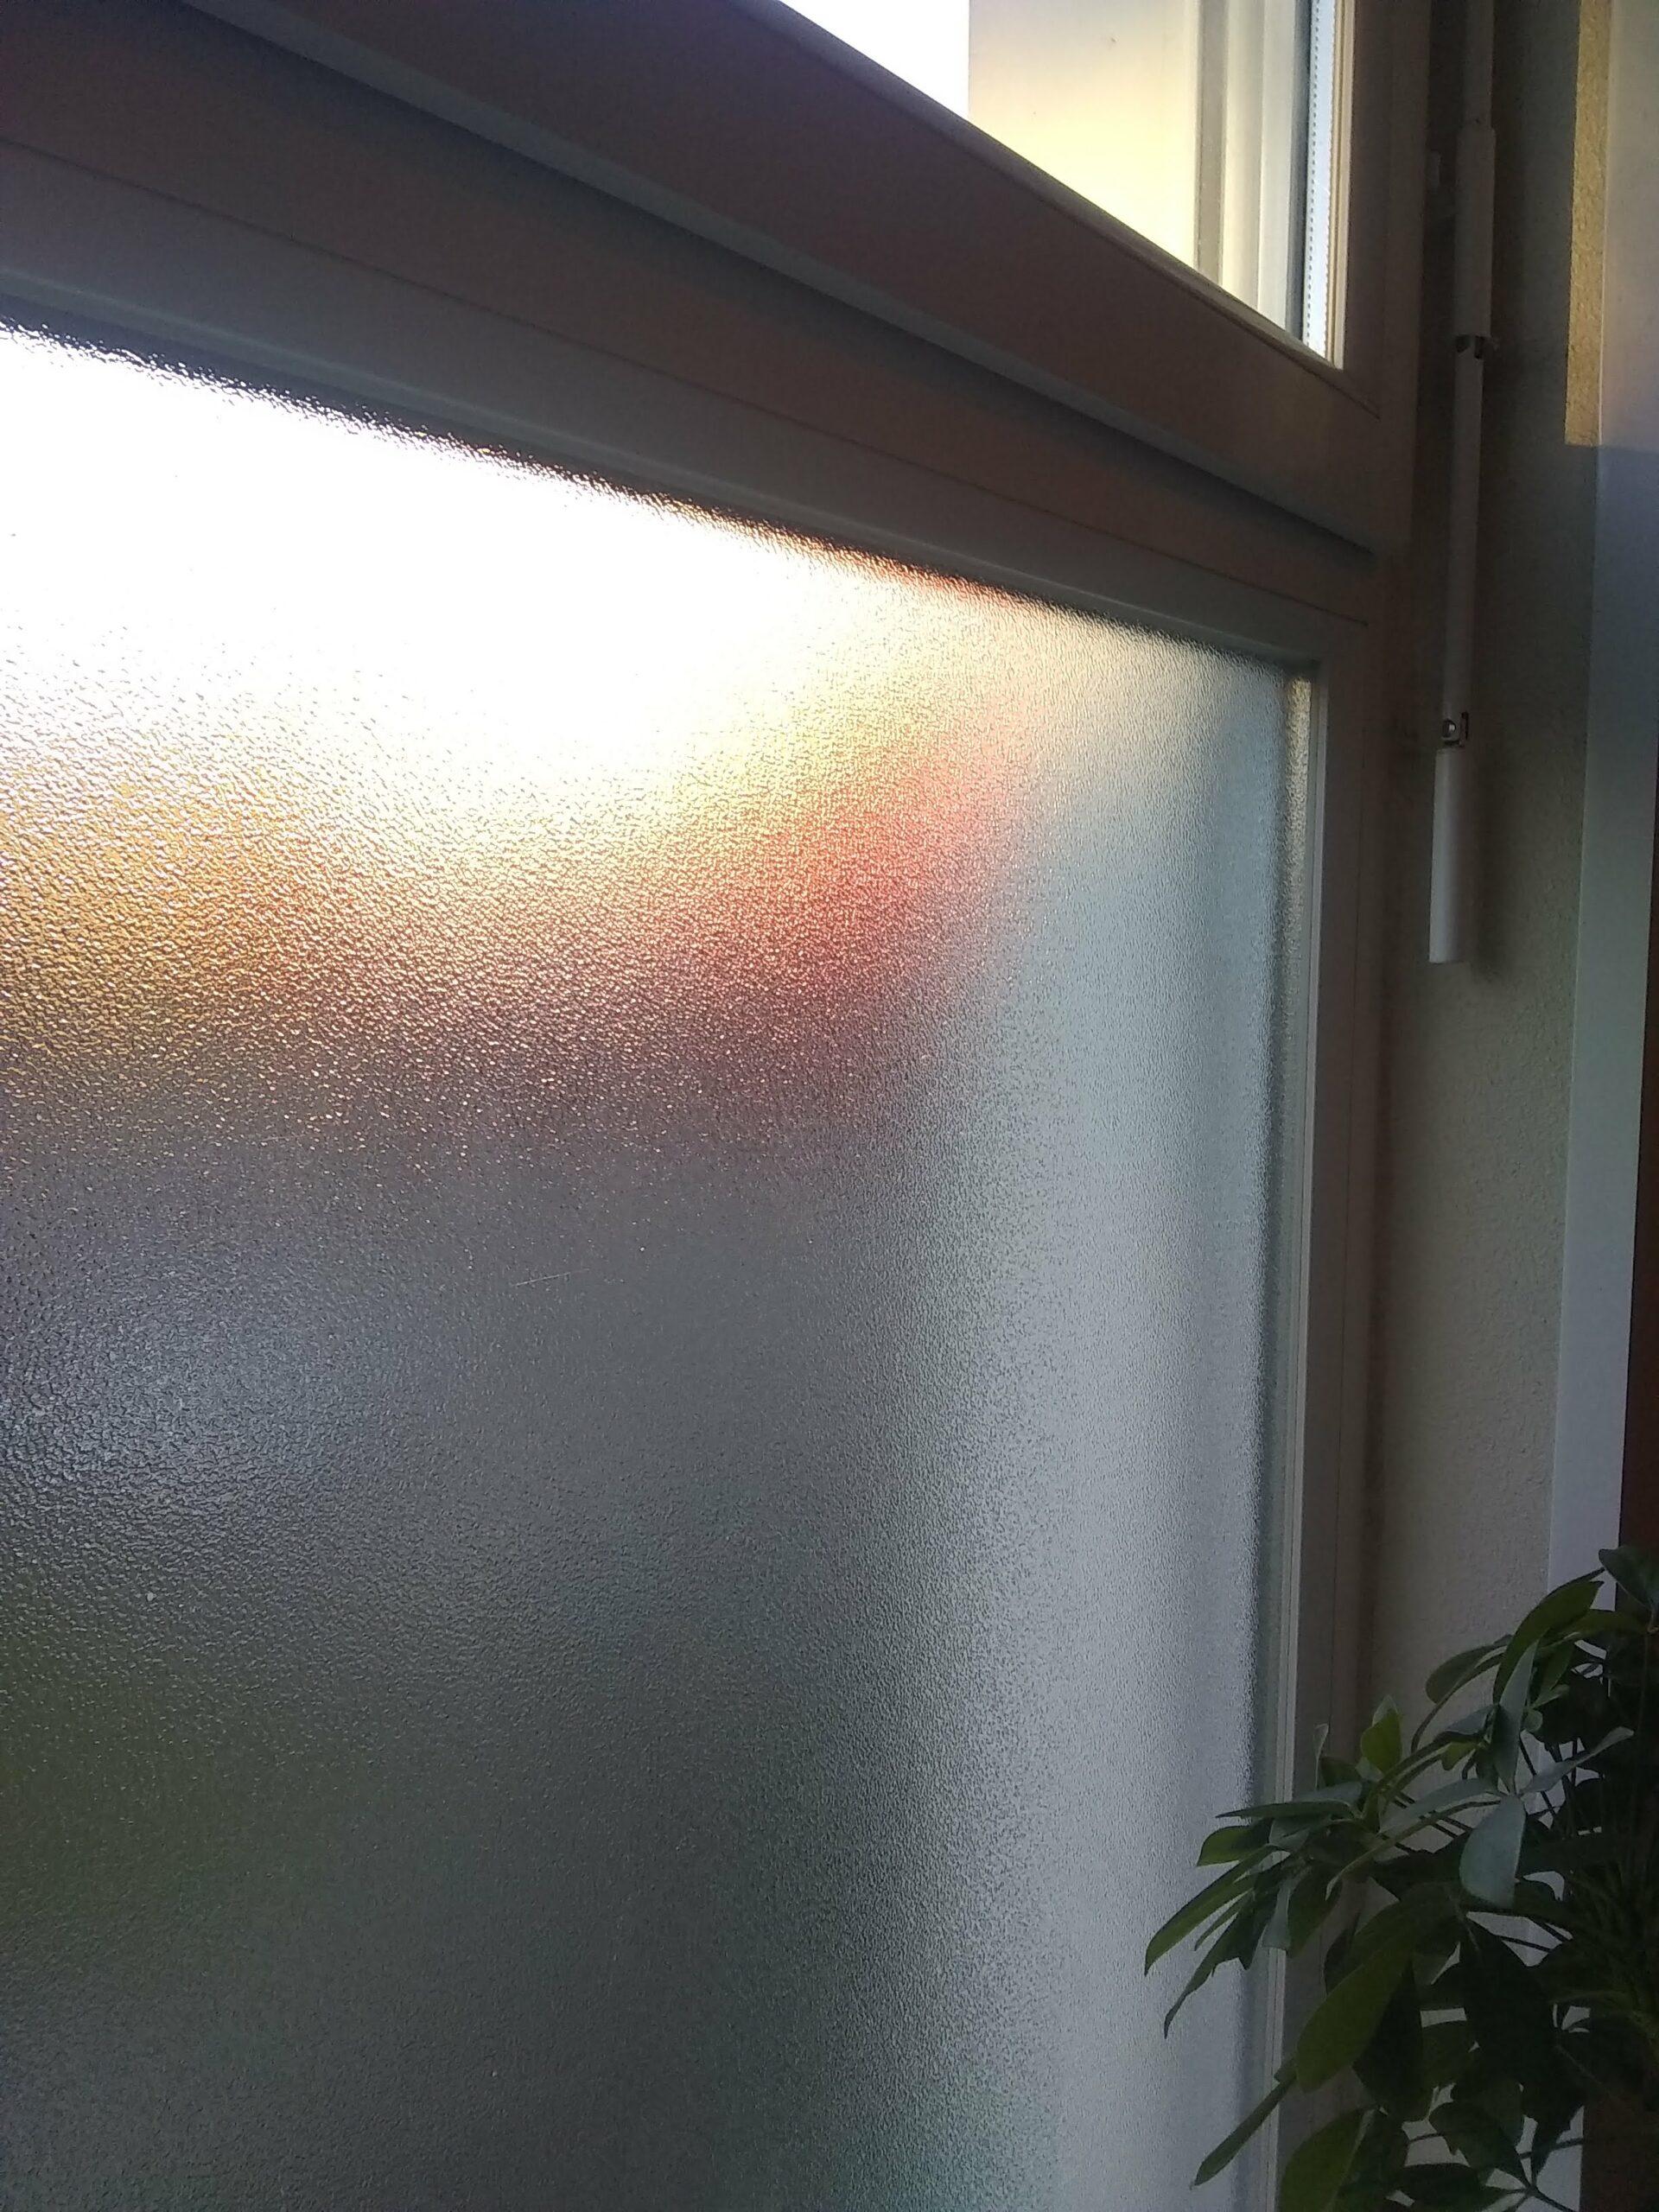 Fenêtre texturée de l'appartement, vue sur le couché de soleil